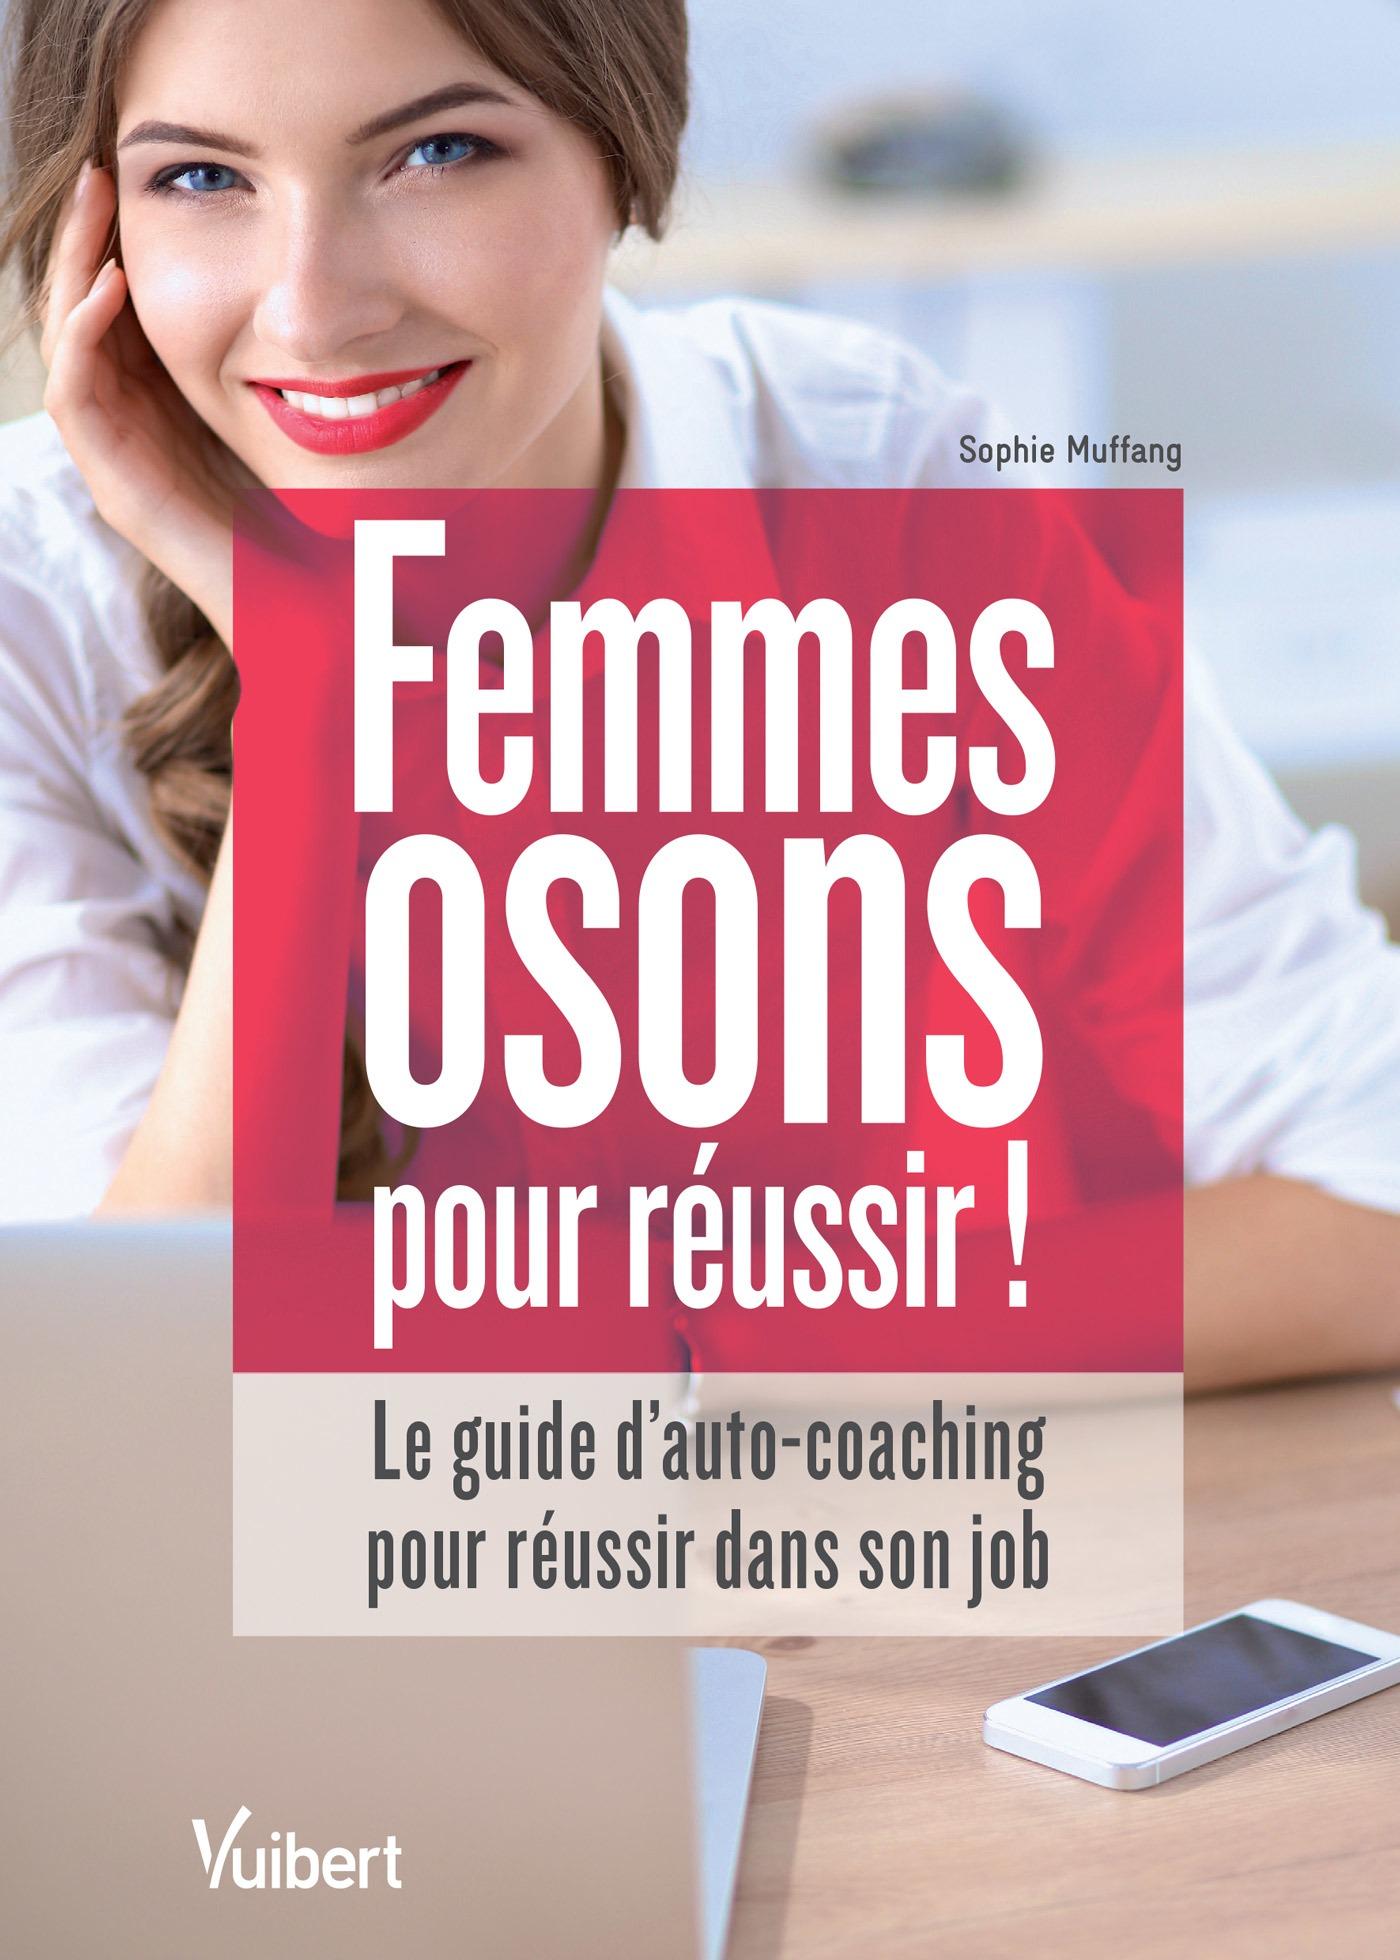 Femmes : osons pour réussir !